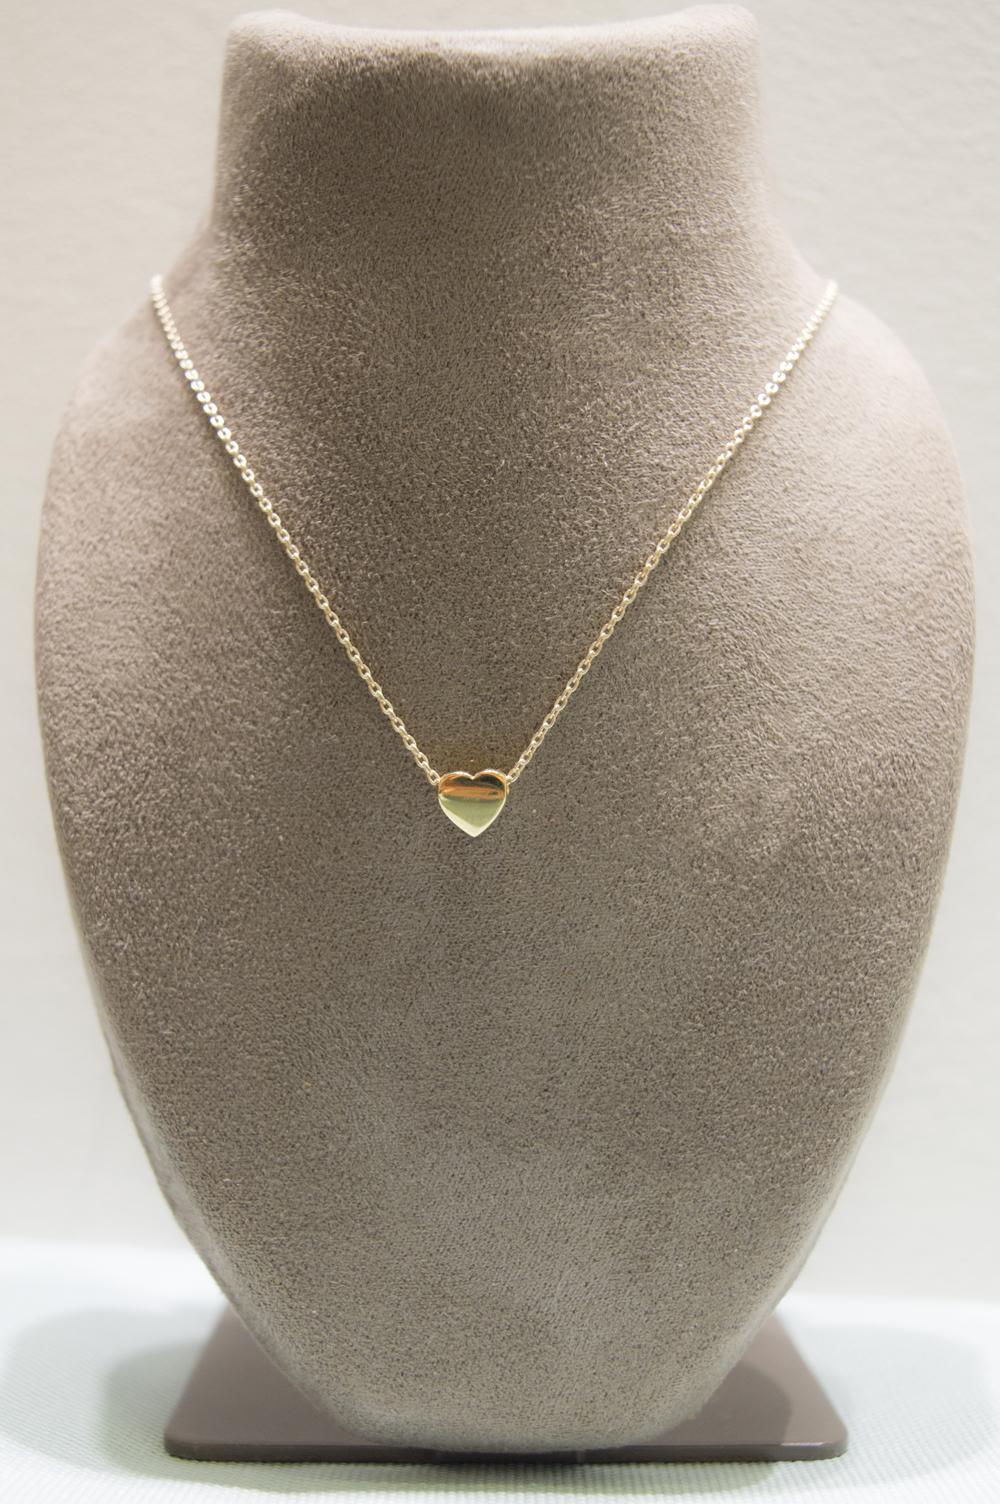 £110 - Pretty 9ct Heart Pendant